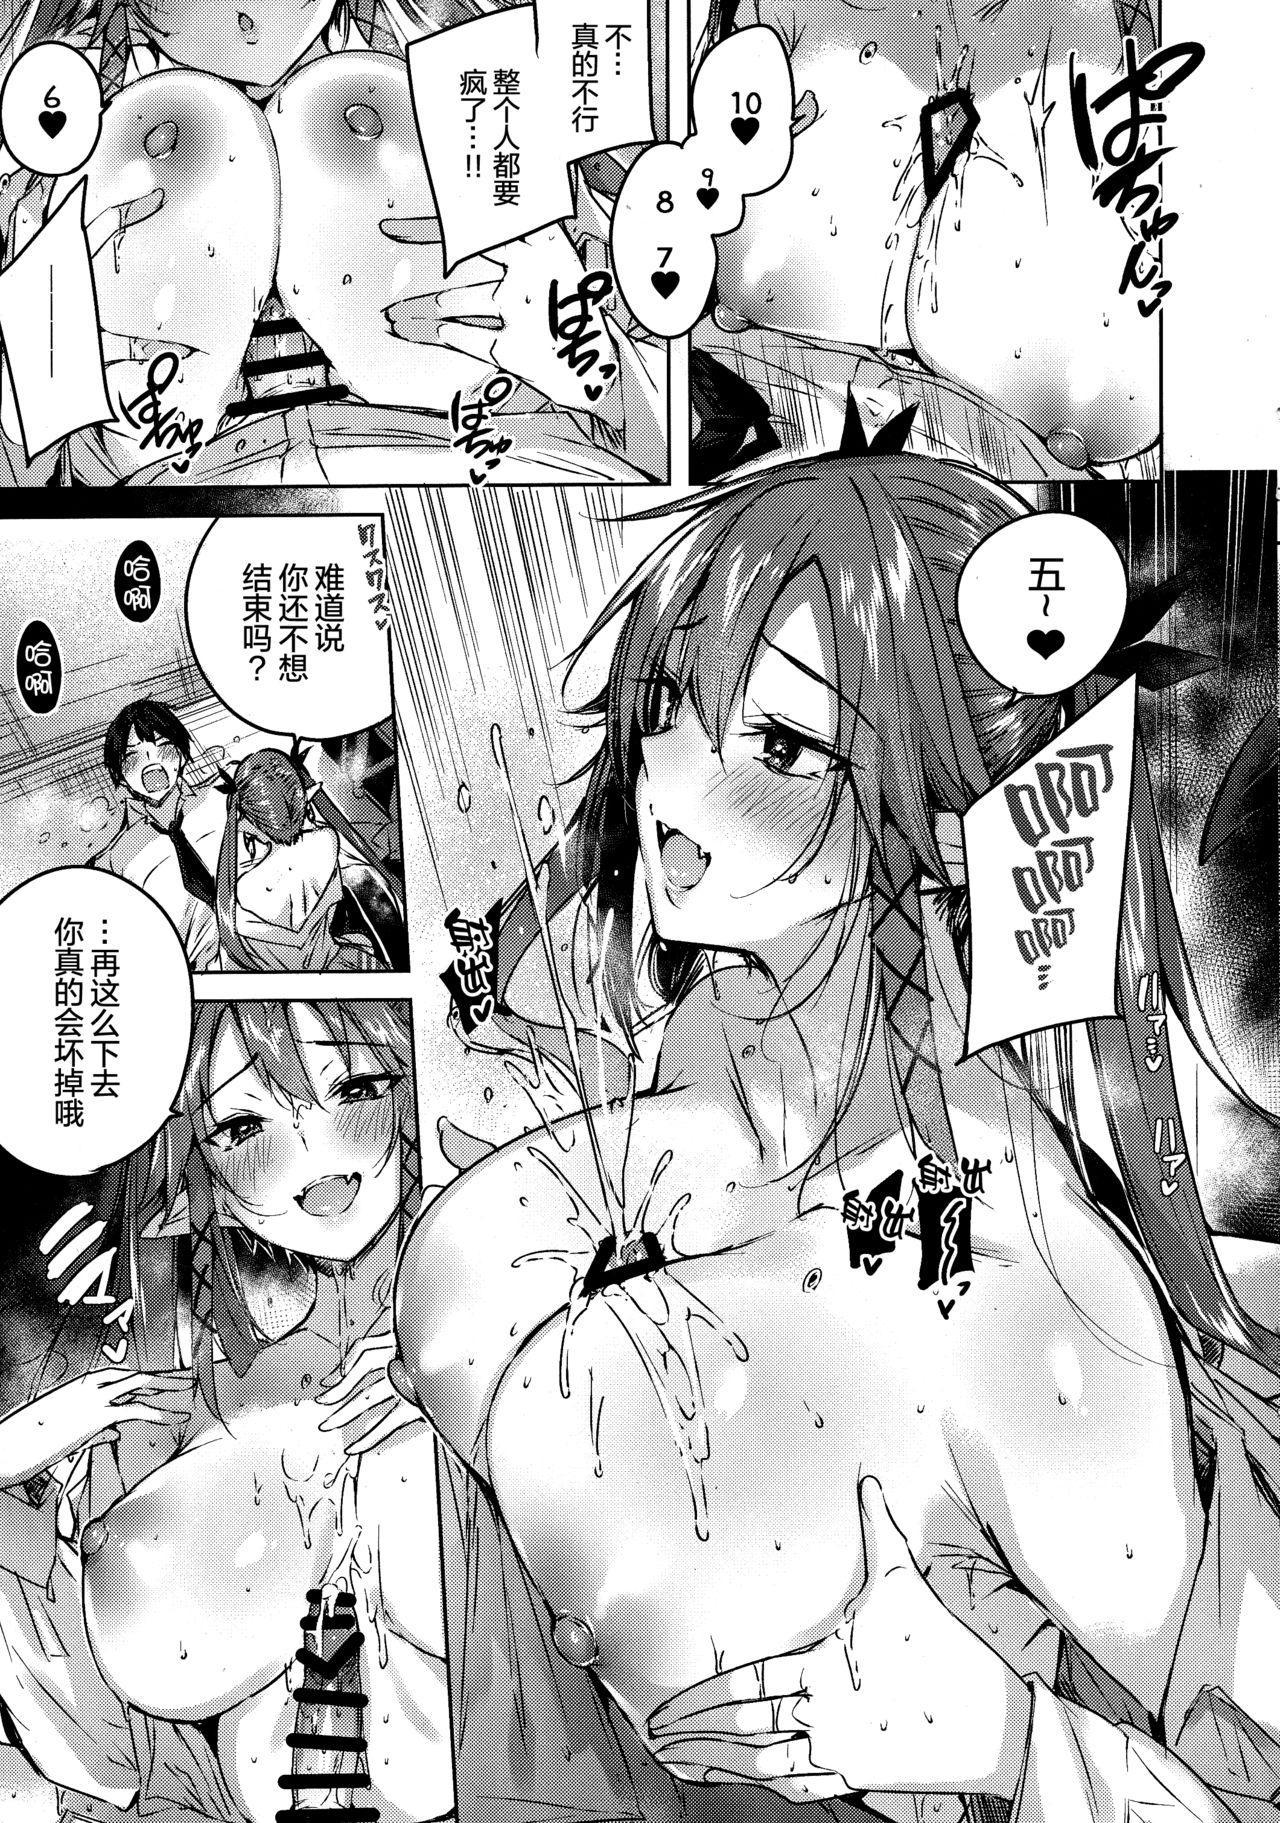 Koakuma Setsuko no Himitsu Vol. 5 14